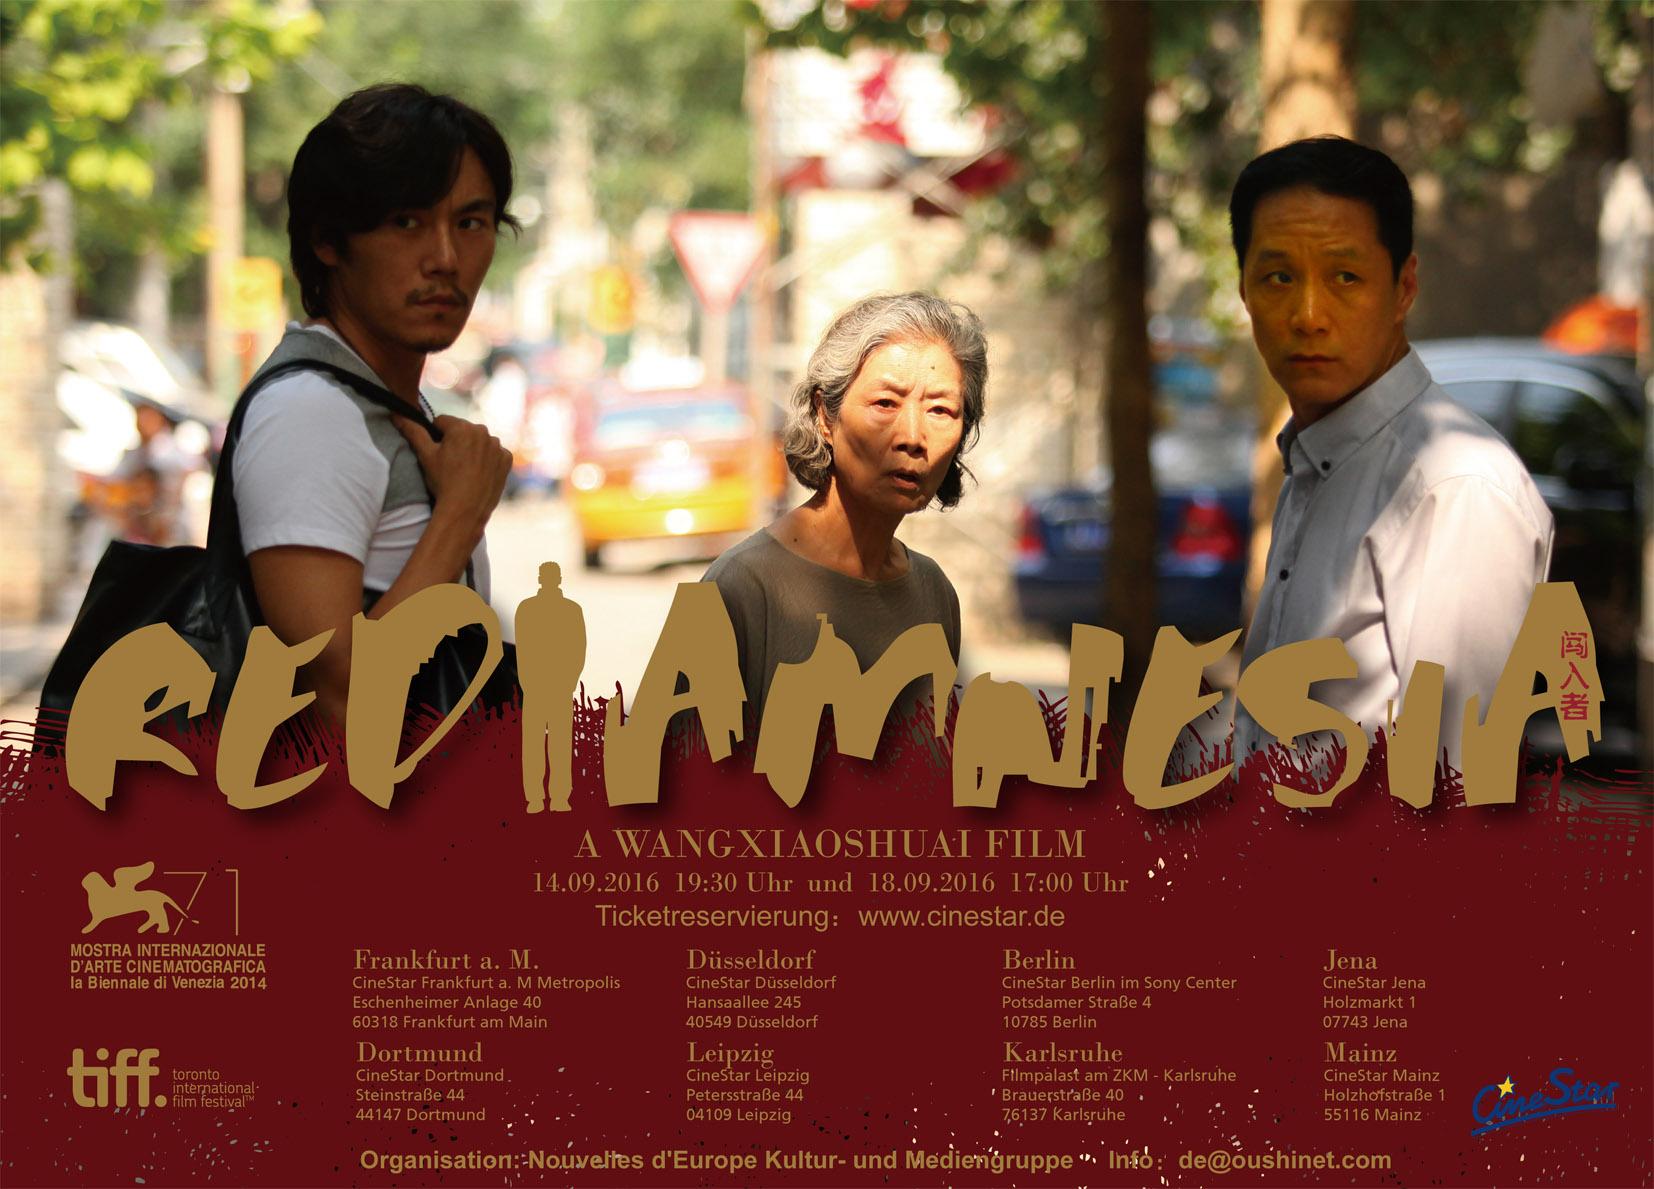 Filmplakat von Red Amnesia. Zur Verfügung gestellt von Wang Xiaoshuai.